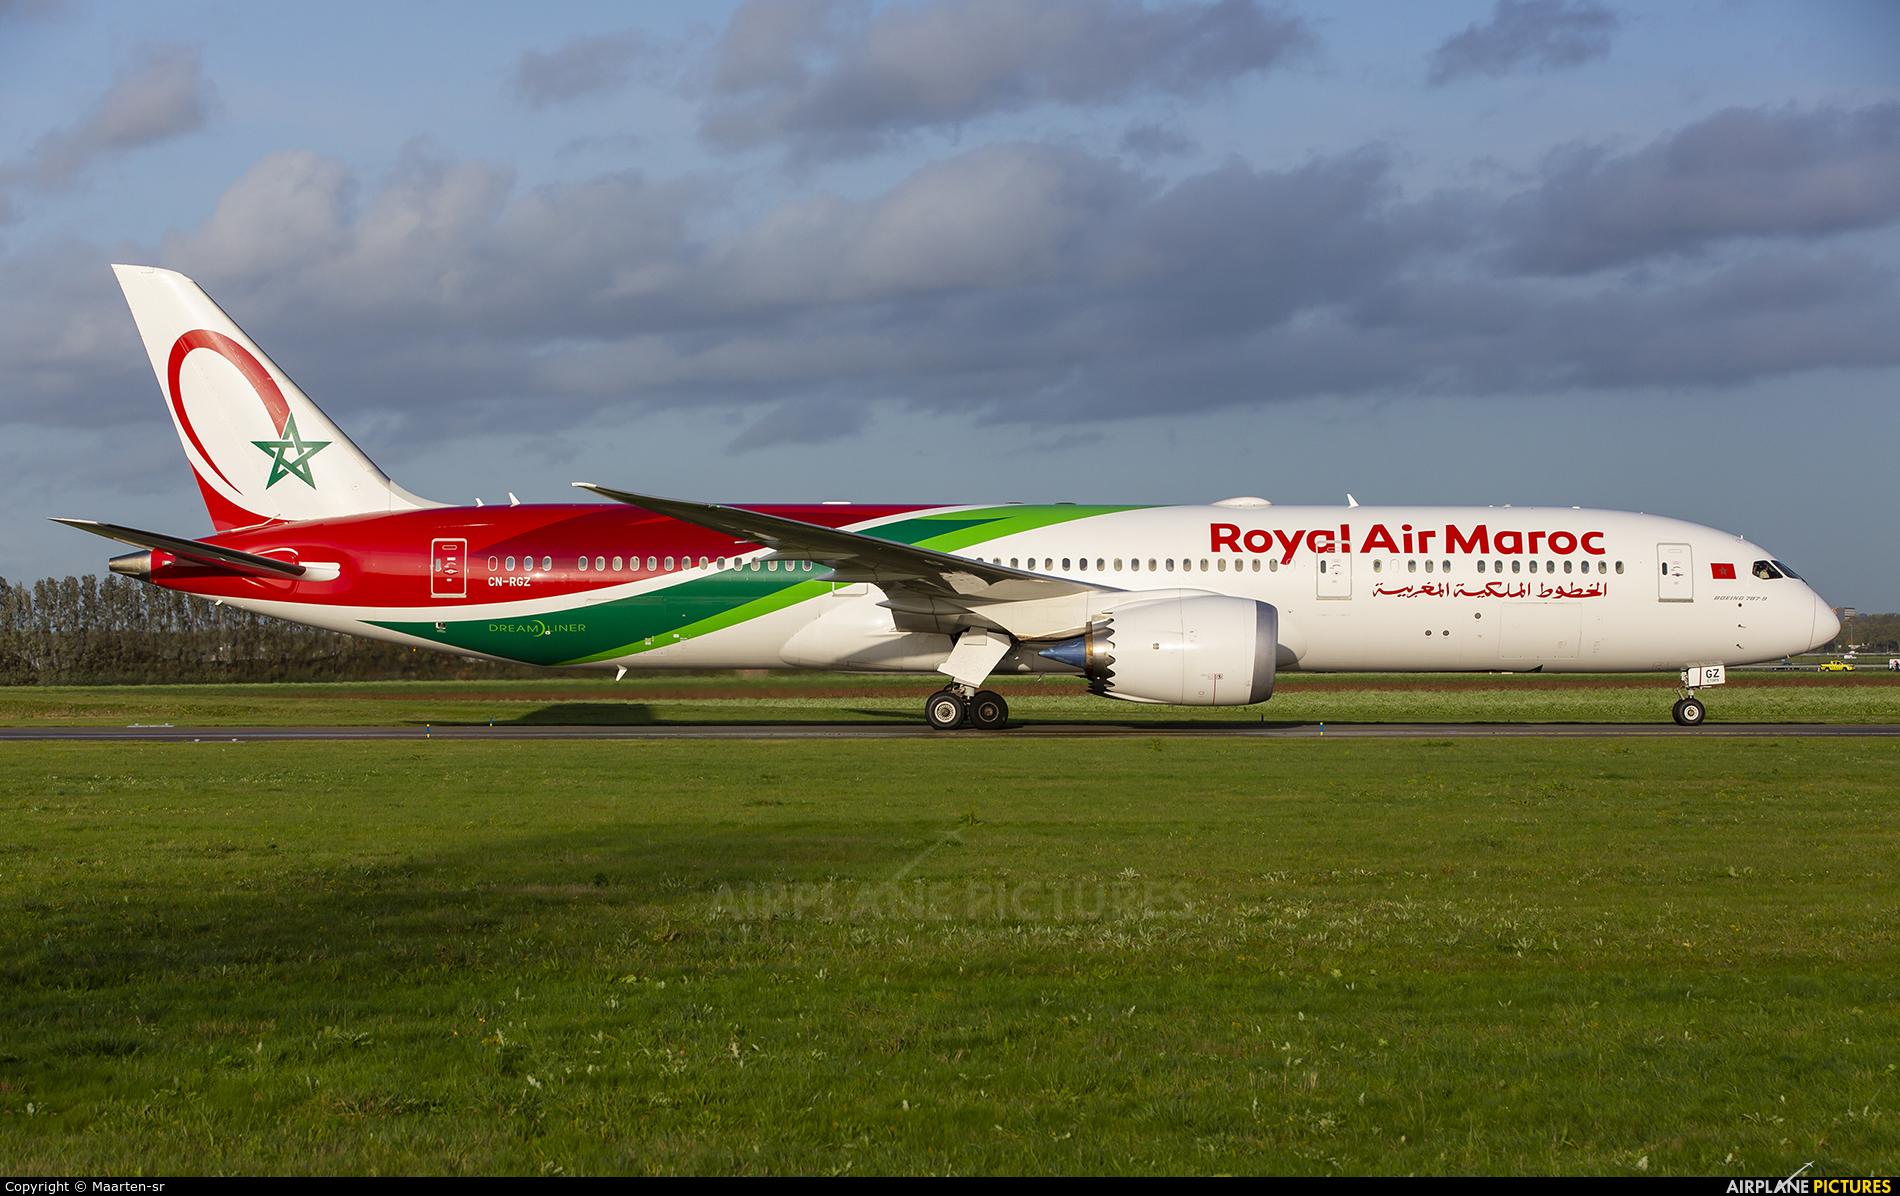 Royal Air Maroc CN-RGZ aircraft at Amsterdam - Schiphol